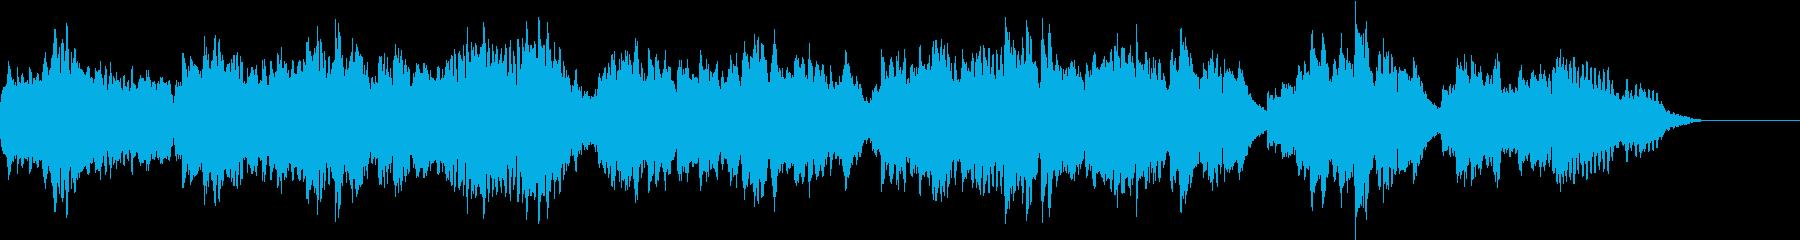 フルートとピアノの優しいBGMの再生済みの波形